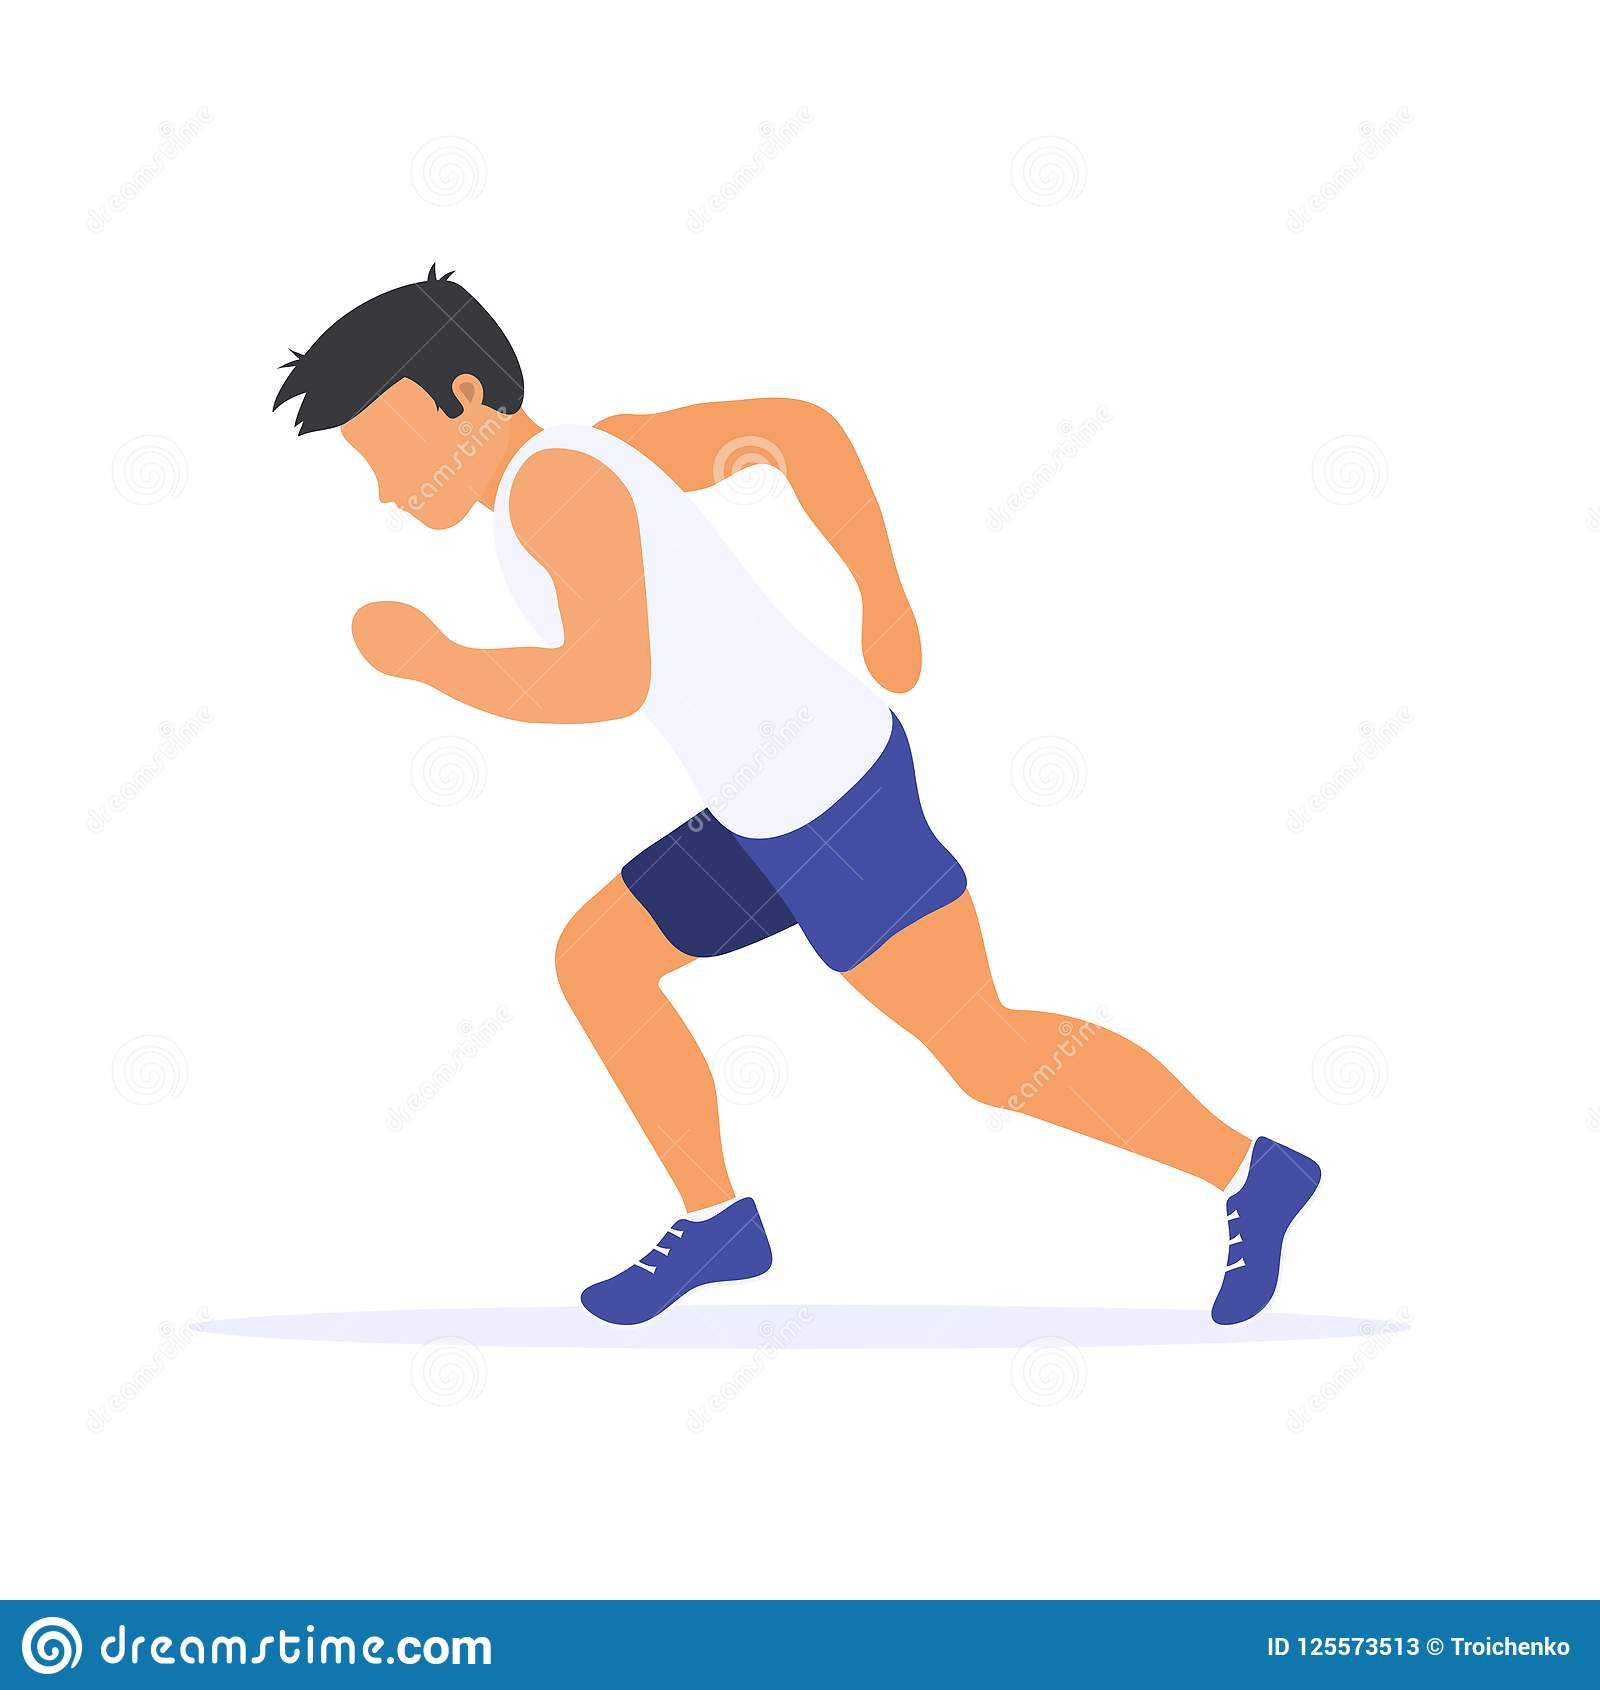 Silueta corriente del hombre corredor Ejemplo plano del vector Deporte individual